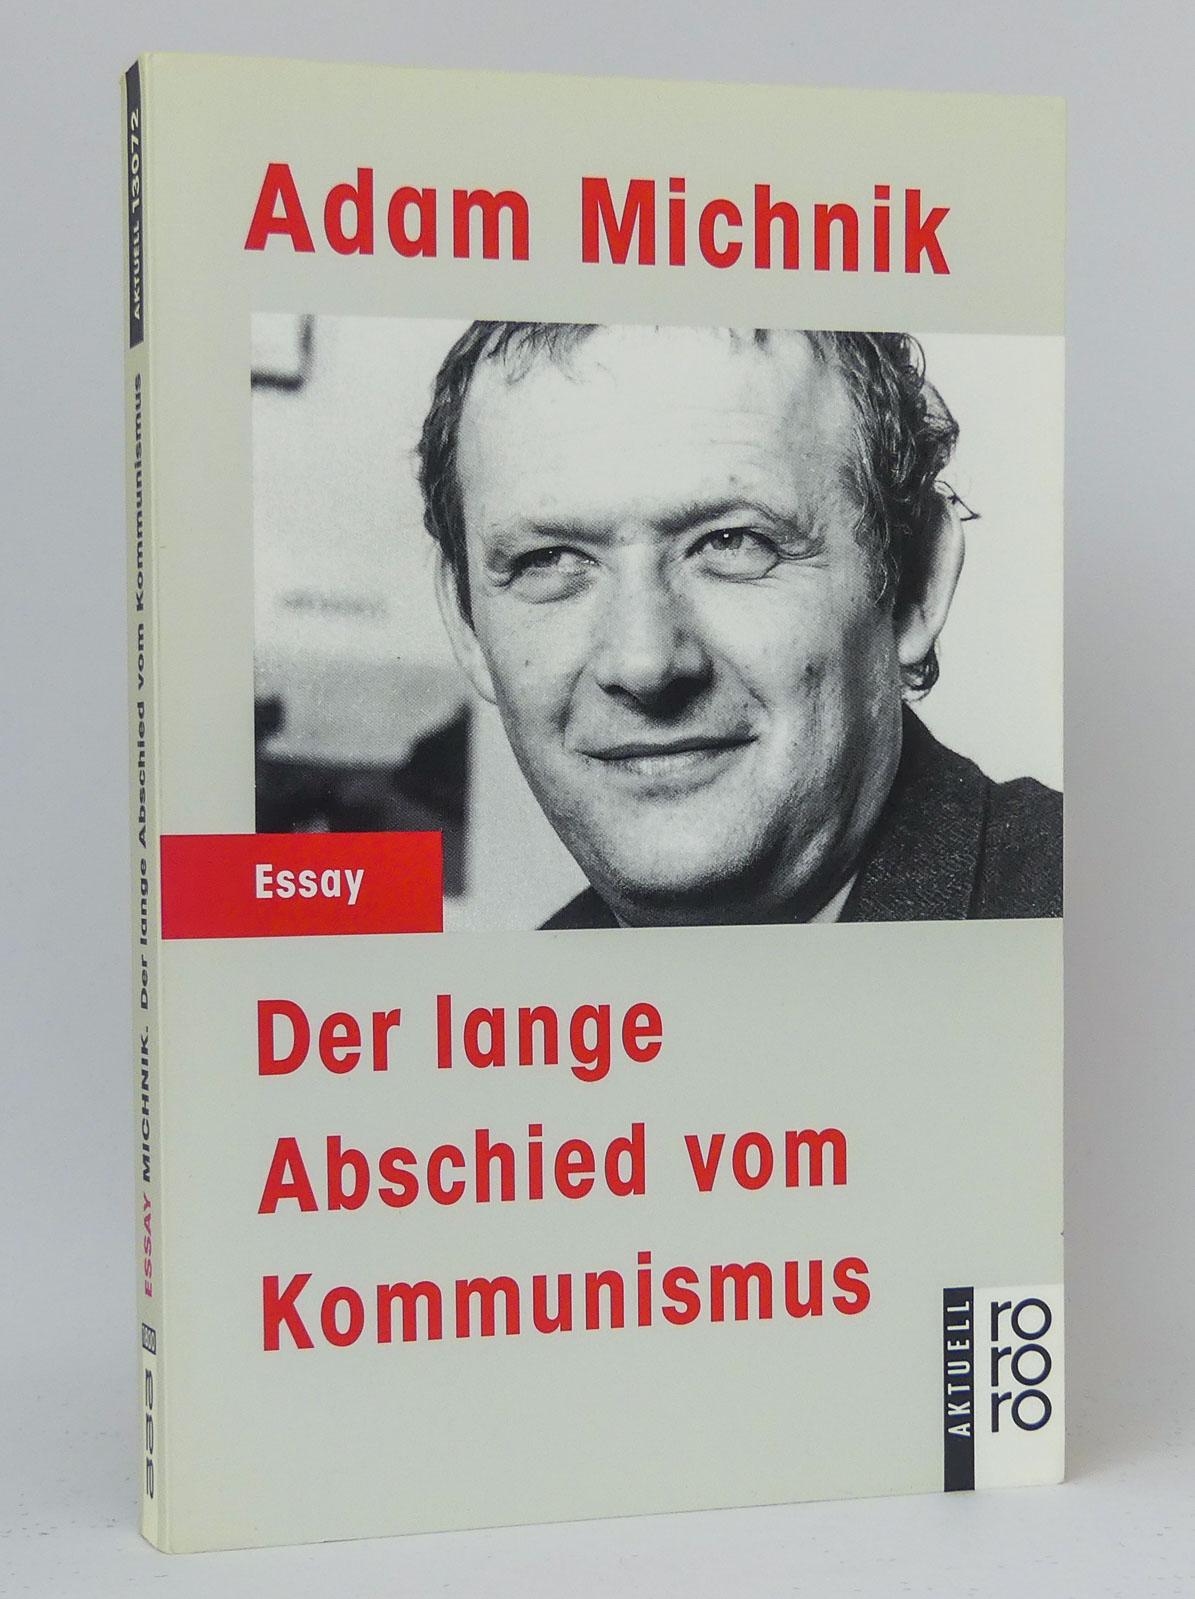 Der lange Abschied vom Kommunismus : (Reihe: rororo aktuell Essay, Band 13072) - Michnik, Adam